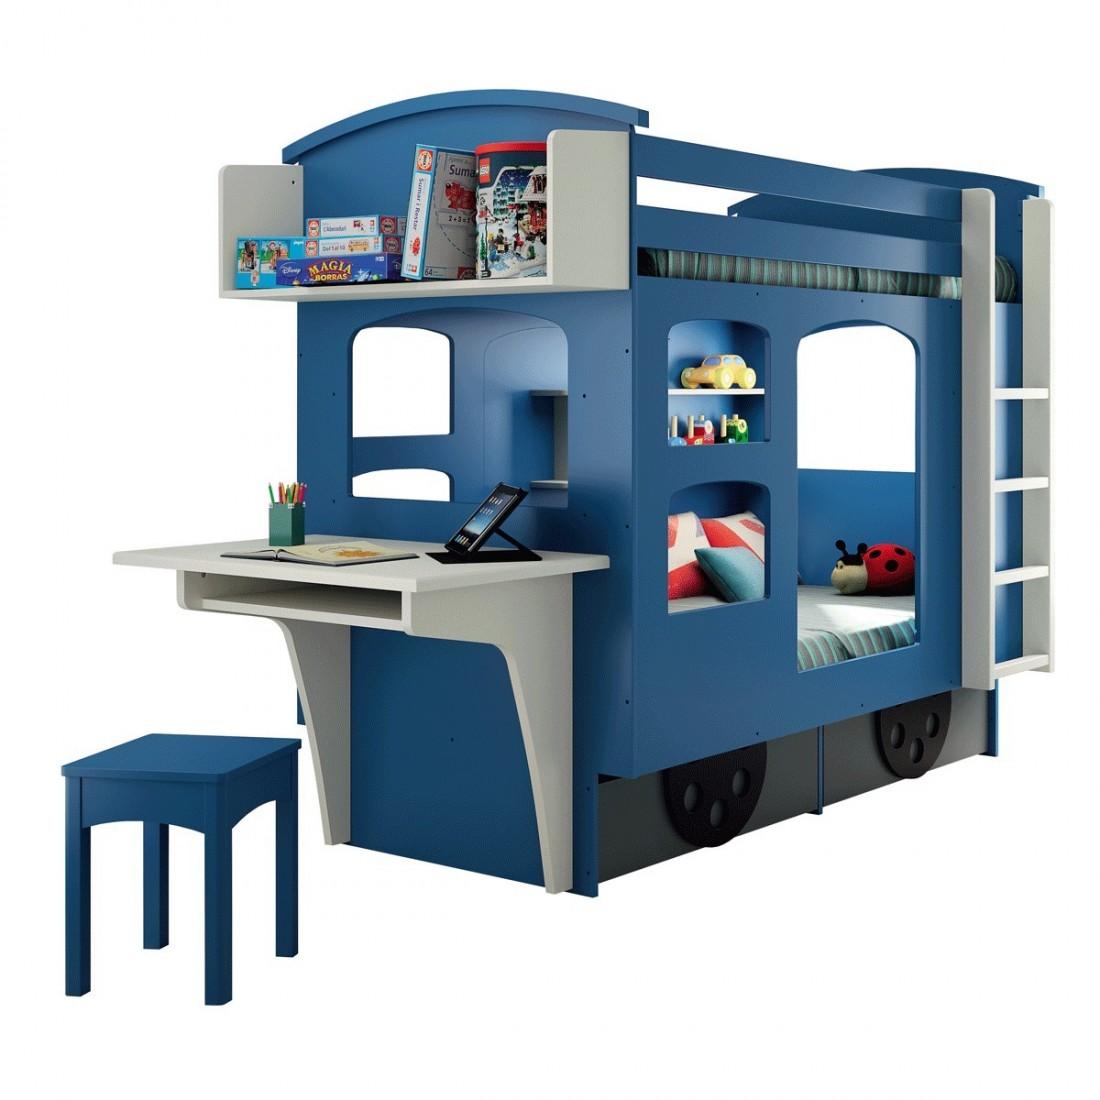 lit superpos cabane enfant wagon bleu et greige ma chambramoi. Black Bedroom Furniture Sets. Home Design Ideas